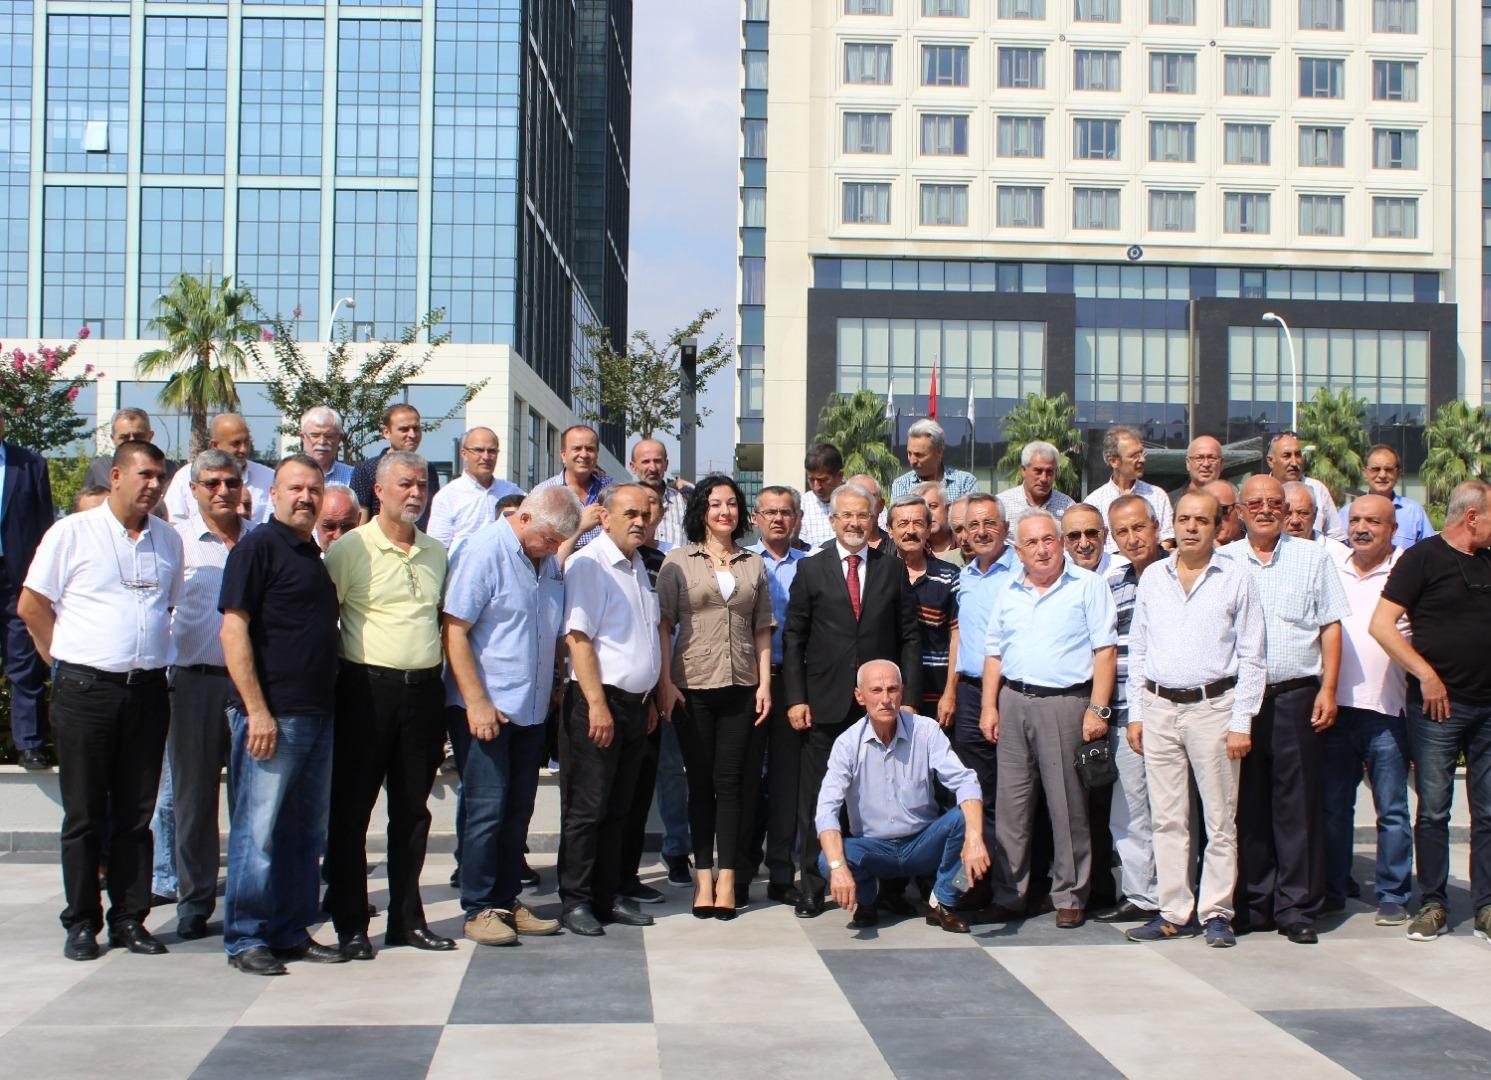 Nilüfer Belediyesi Parkora'da anlamlı organizasyona imza attı